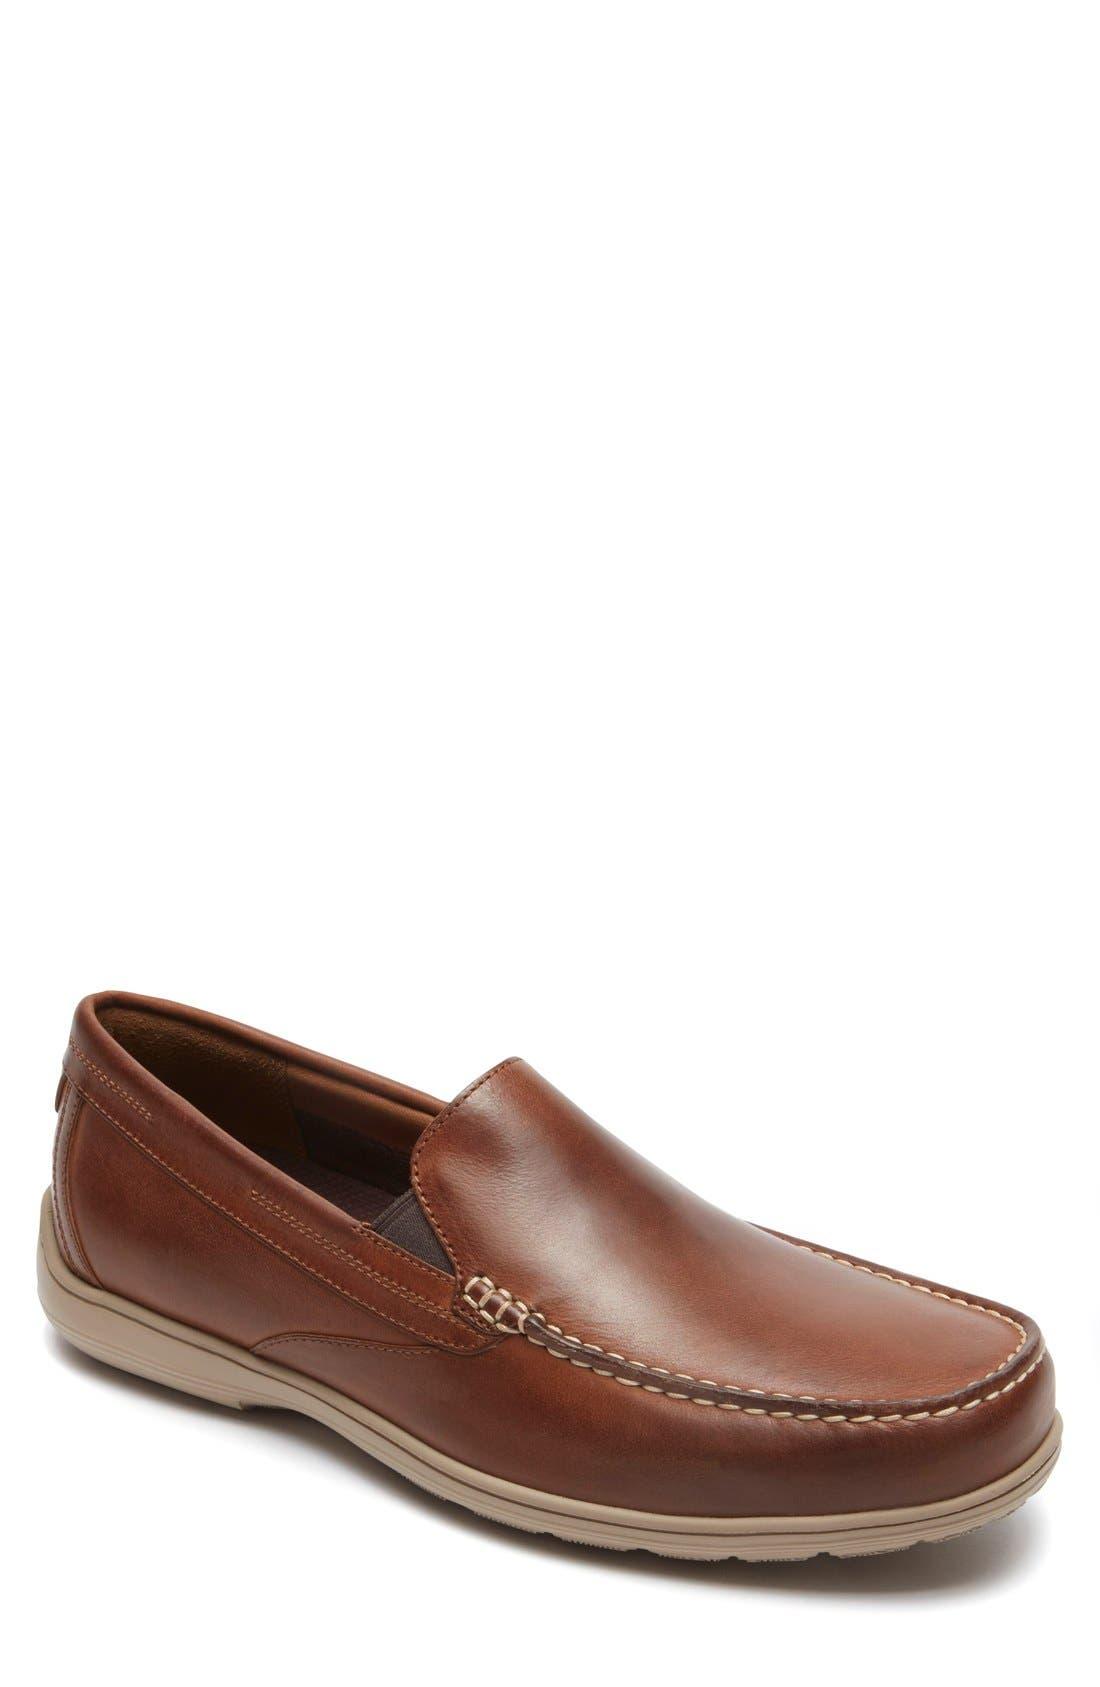 Rockport Total Motion Loafer (Men)